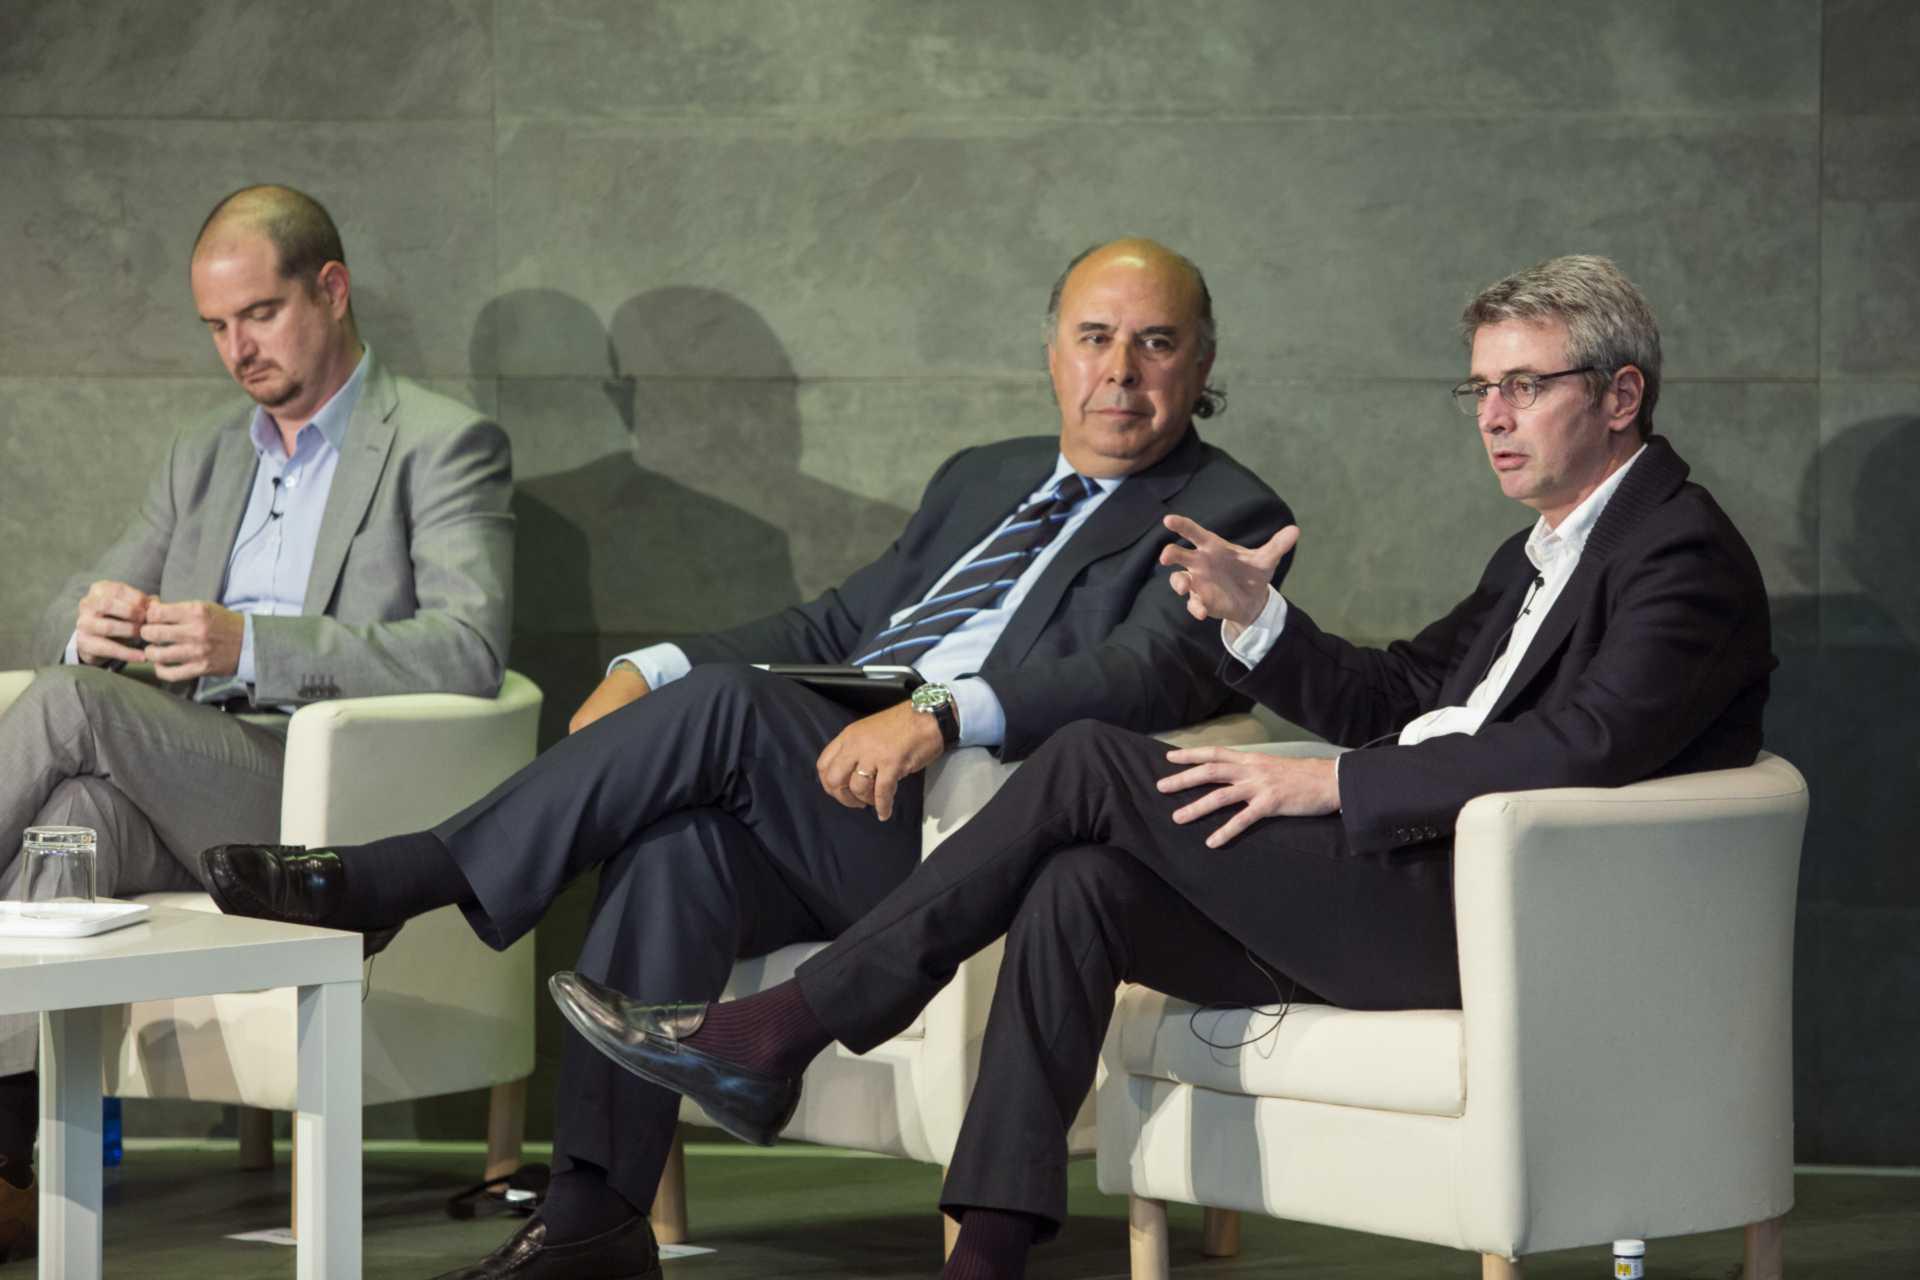 La Fundación Rafael del Pino, en colaboración con Esade Business School organizada, el día 23 de abril de 2014, la octava edición de Start Up Spain. una serie de encuentros con emprendedores que tiene como objetivo fomentar la discusión de ideas que favorezcan la aparición de más emprendedores en España y de una red de inversores eficiente.